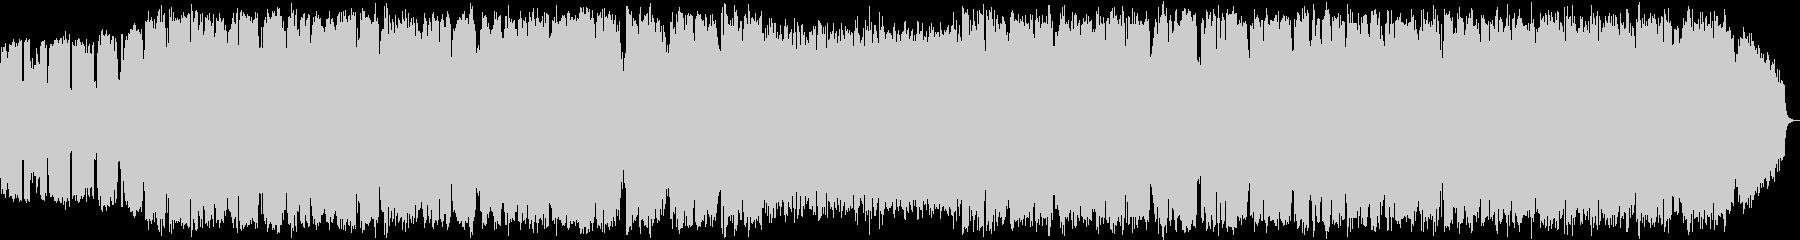 ケーナの自然の音色のヒーリング音楽の未再生の波形